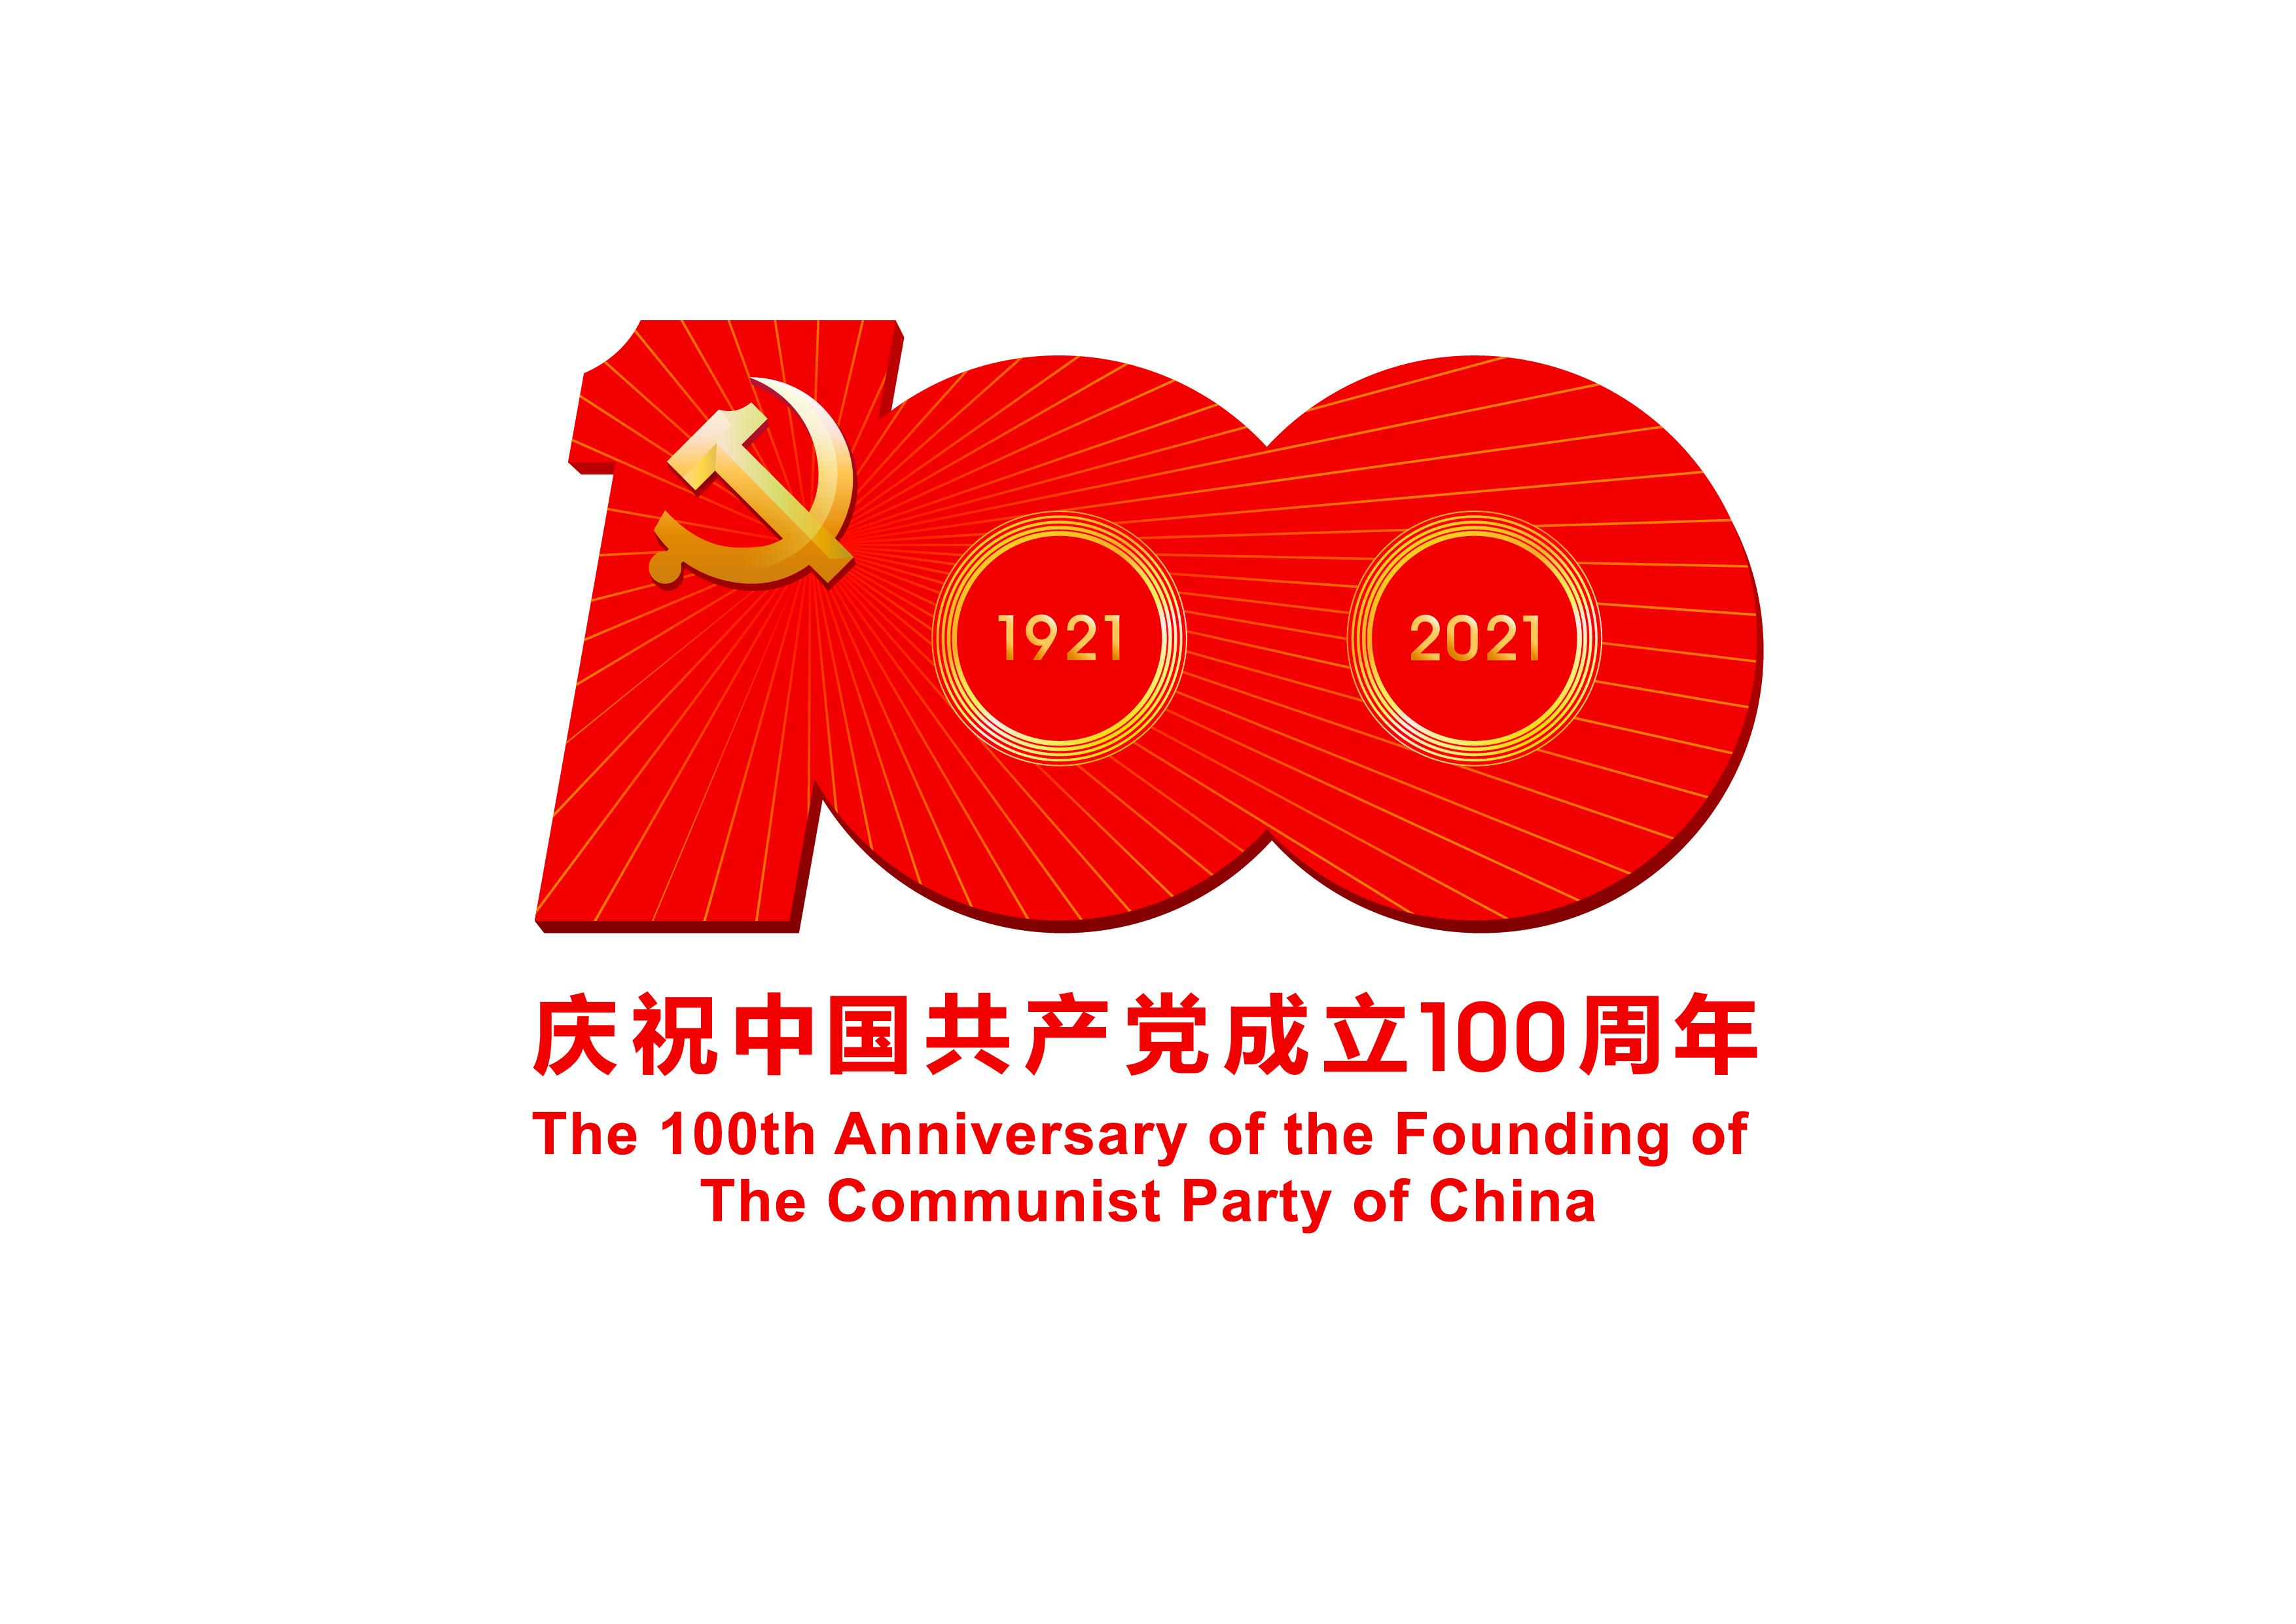 中共中央就中国共产党成立100周年庆祝活动有关情况举行发布会